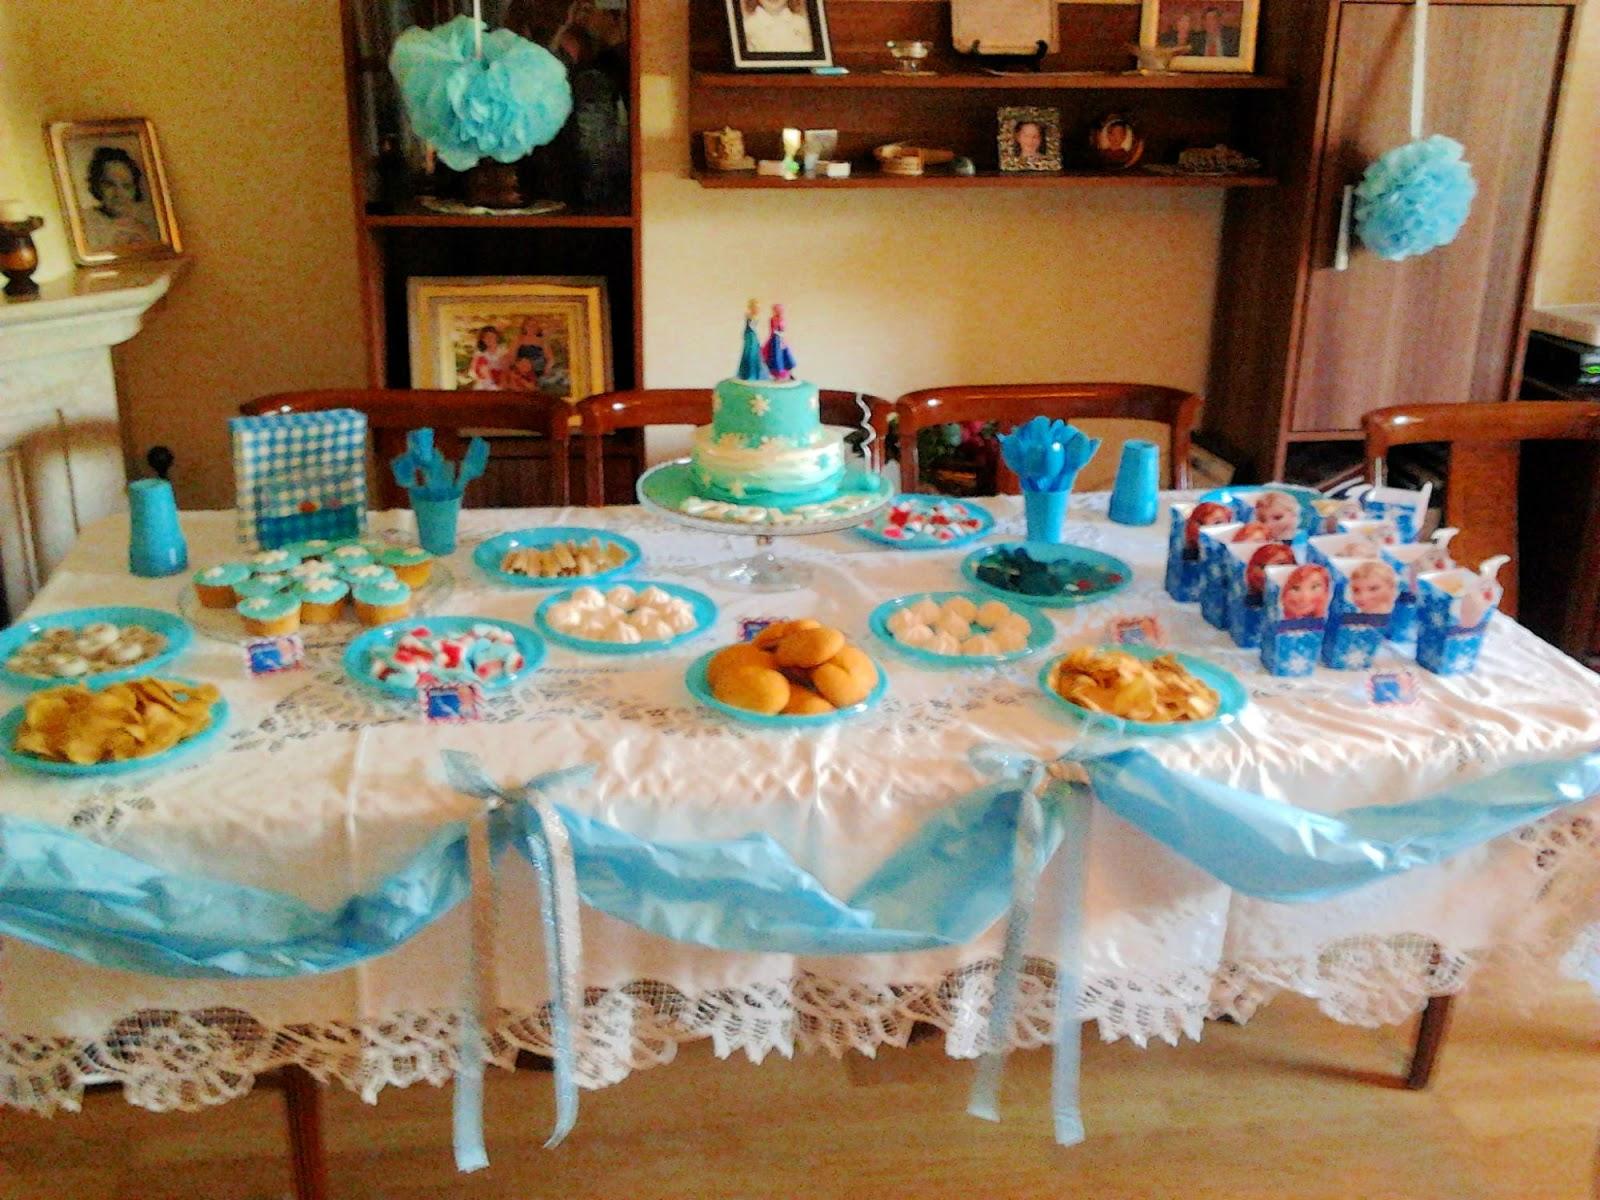 Ideas apara ahorrar al organizar fiesta infantil - Como preparar un cumpleanos infantil en casa ...